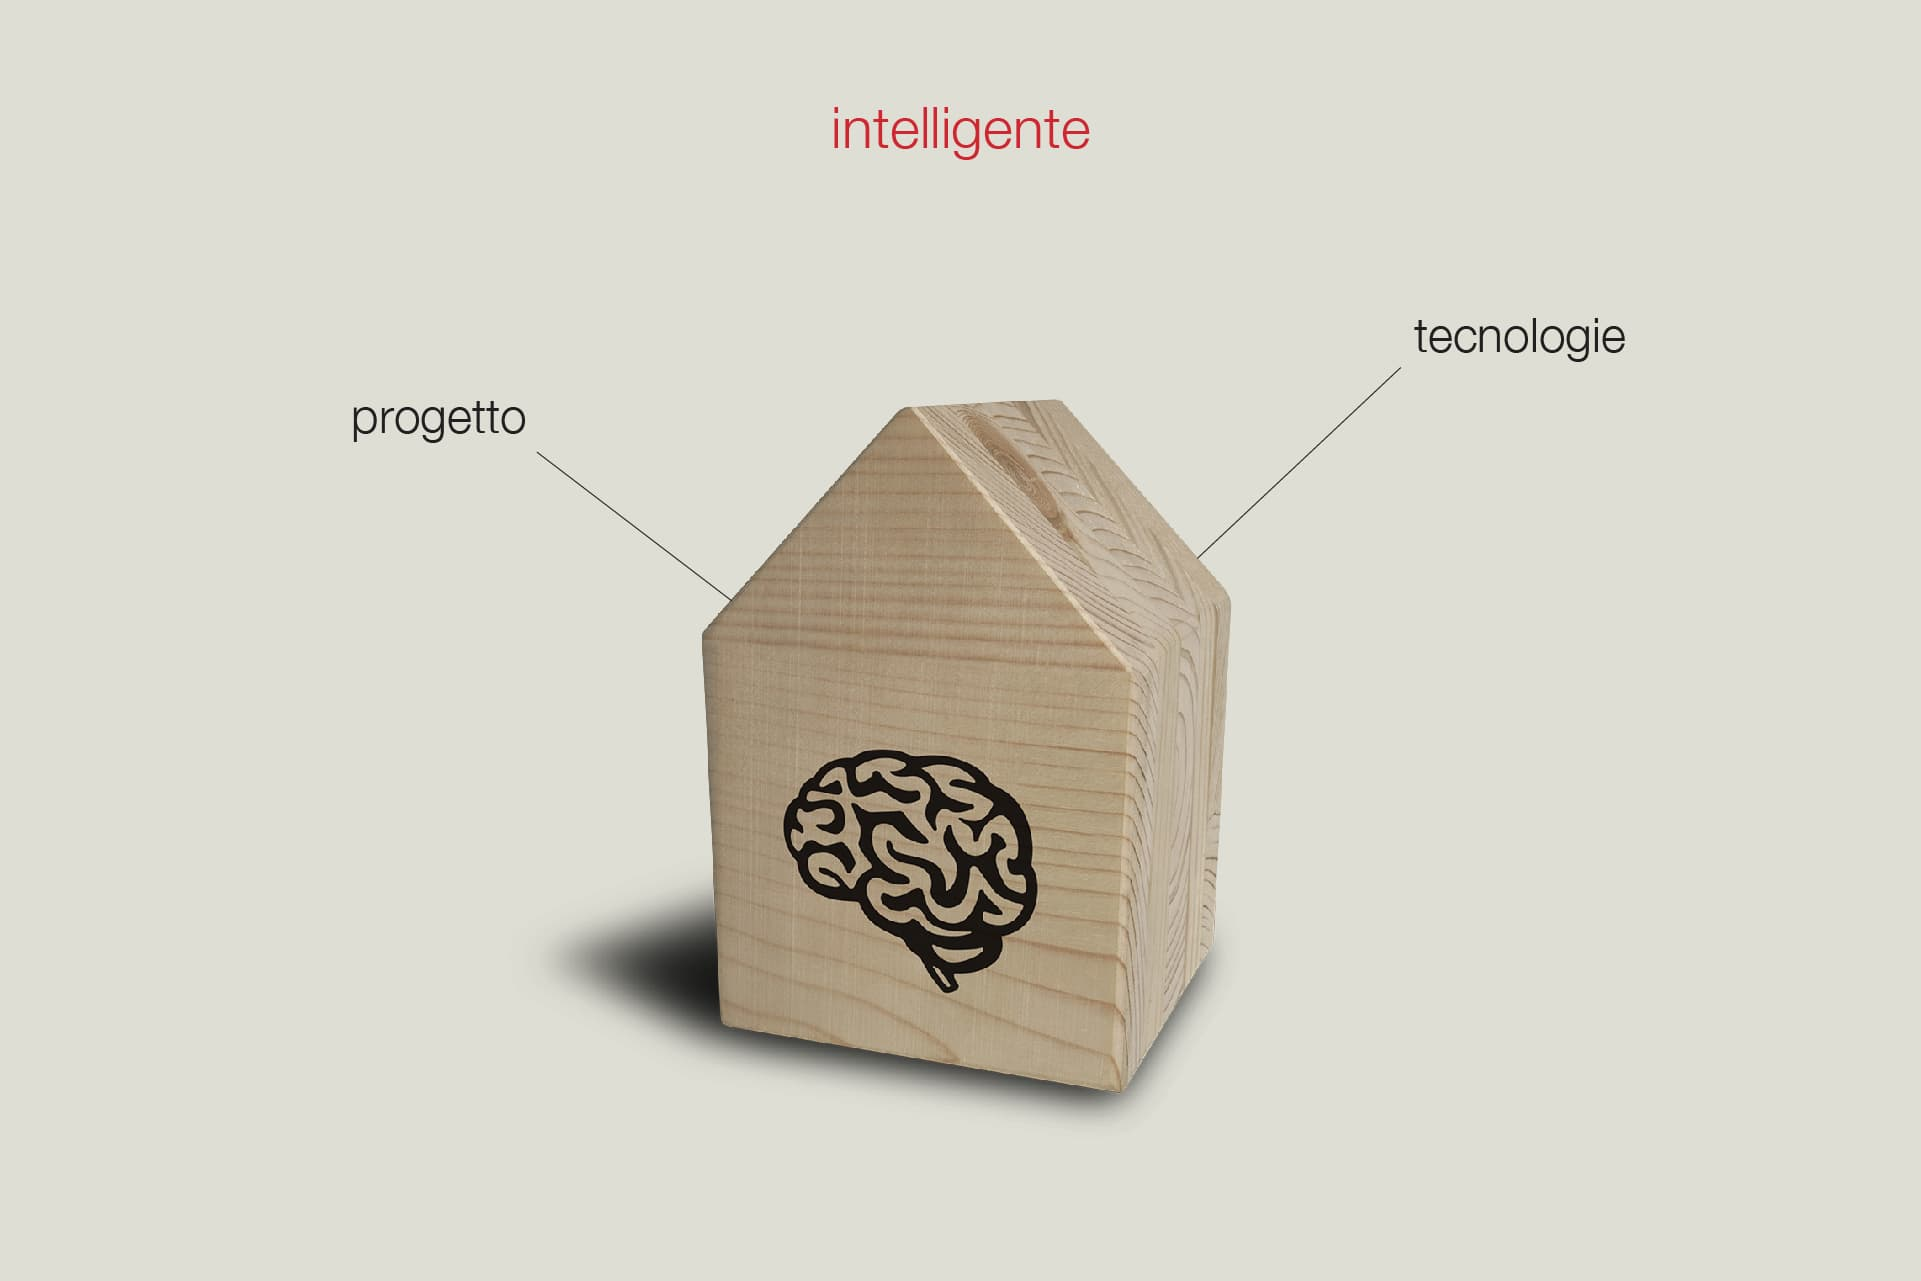 Klima Home Casa Intelligente